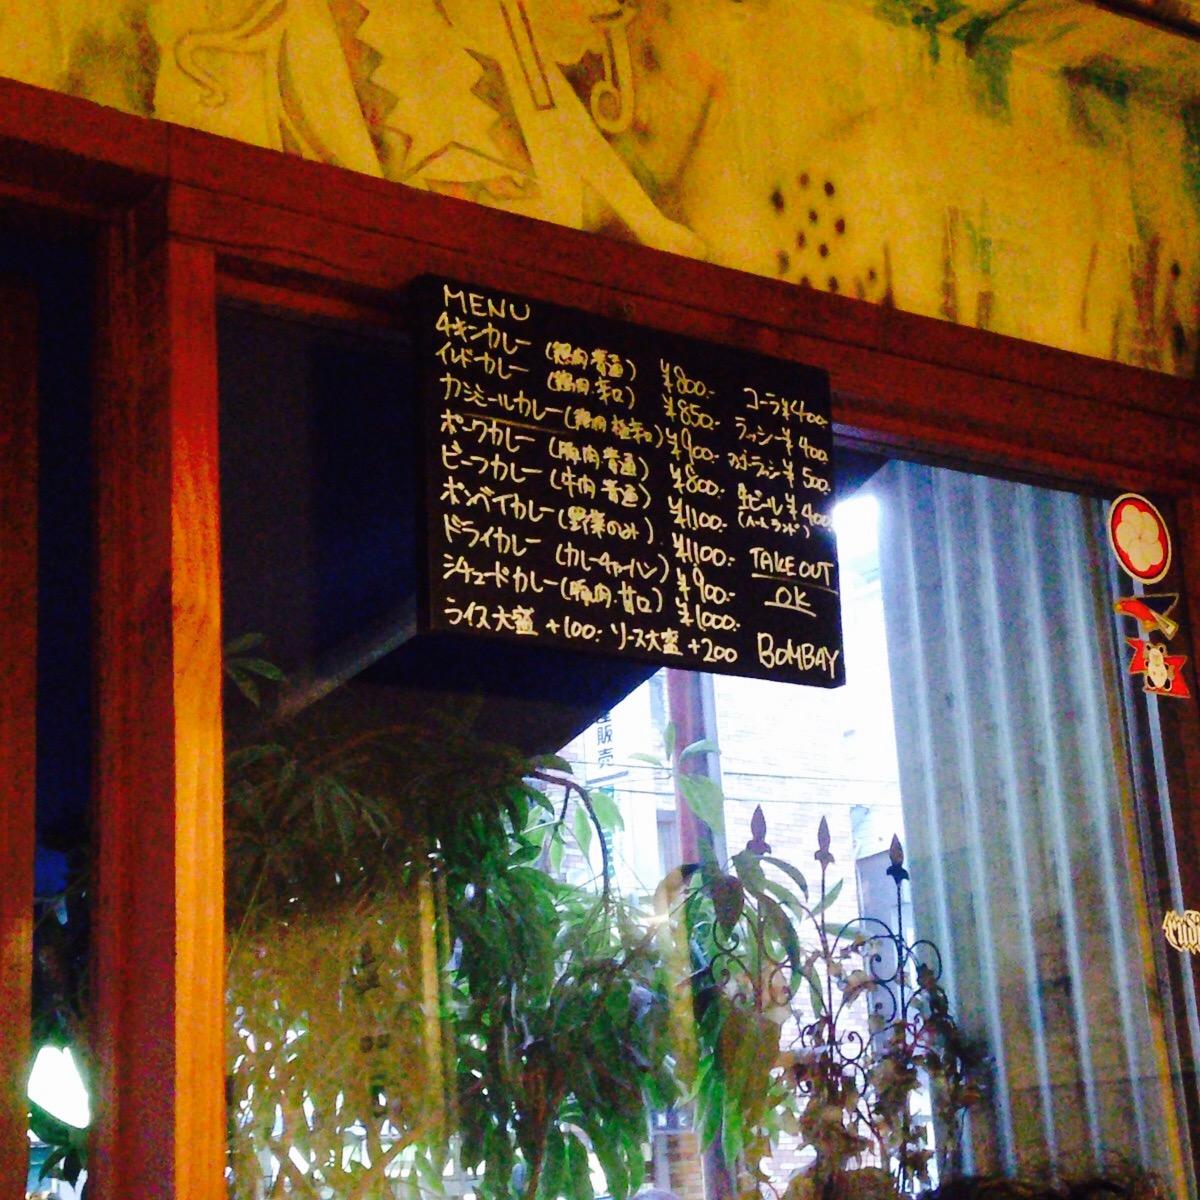 柏で美味しいカレーといったら1968年創業の老舗『ボンベイ』(千葉県柏市)